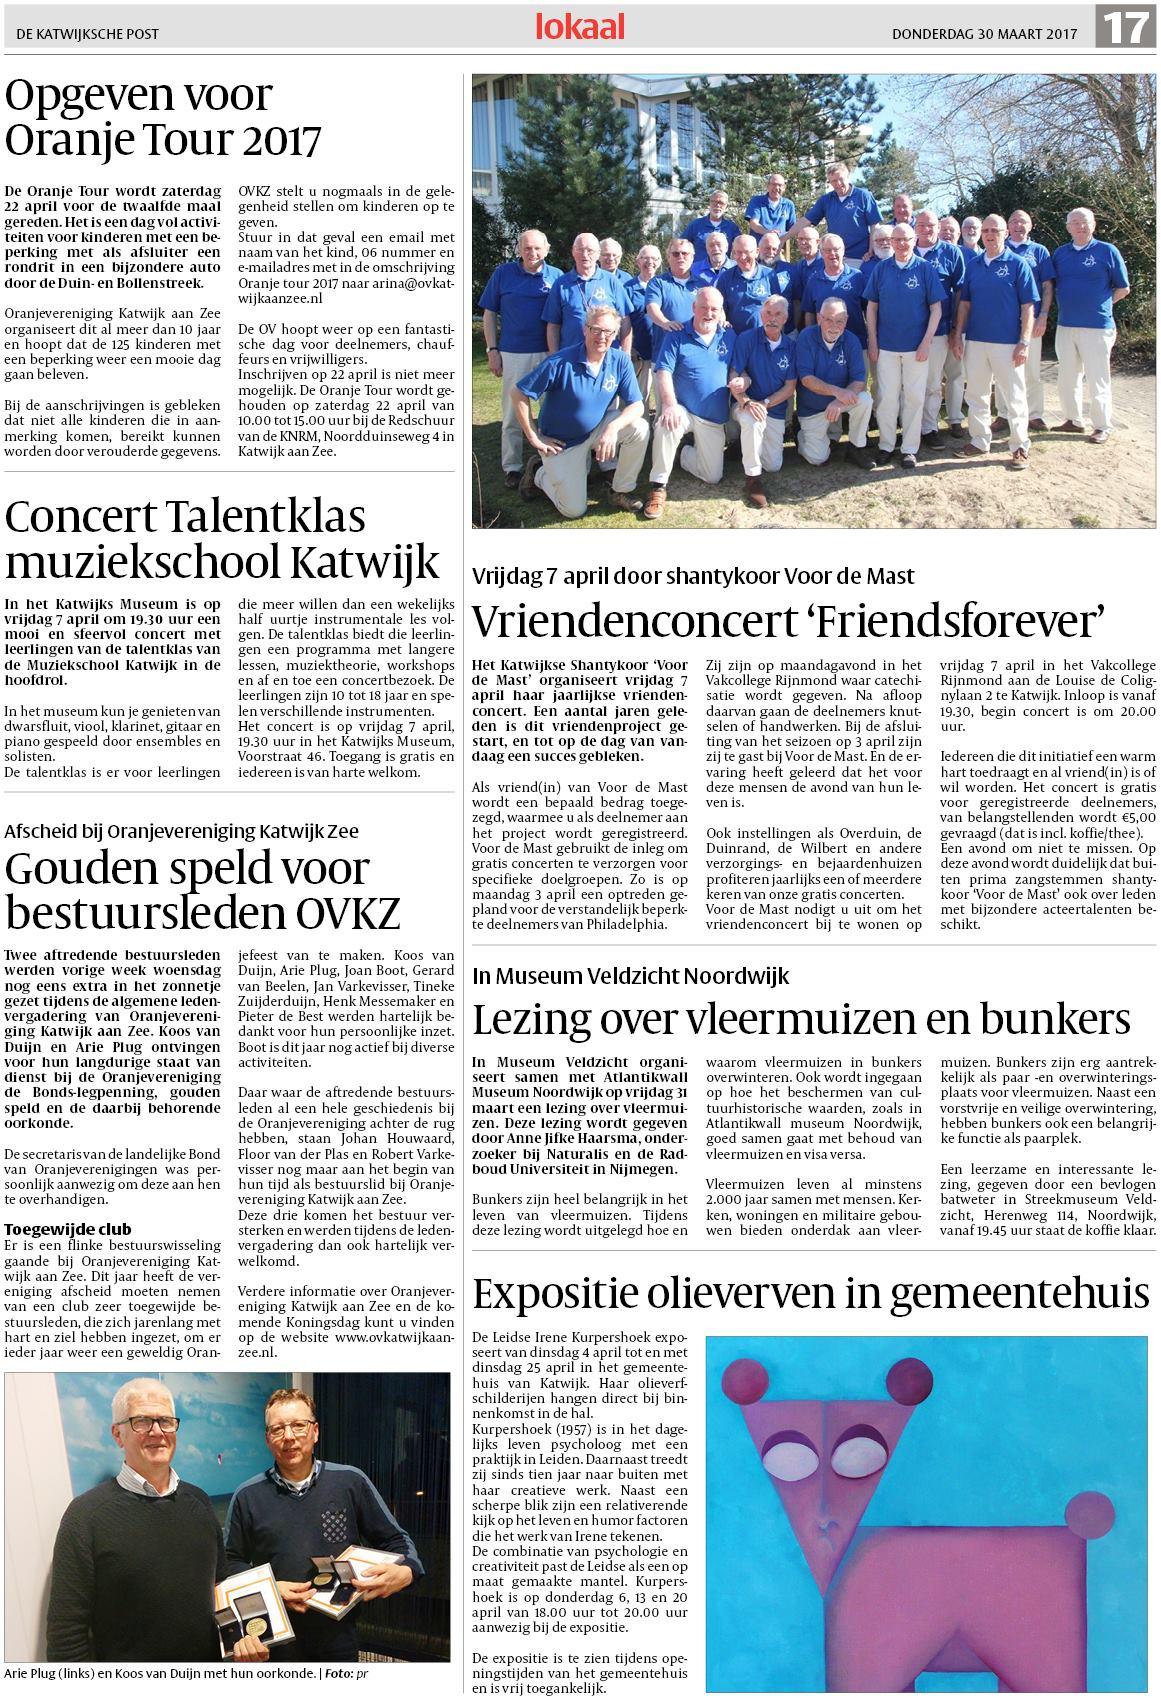 9e92aa32039 De Katwijksche Post 30 maart 2017